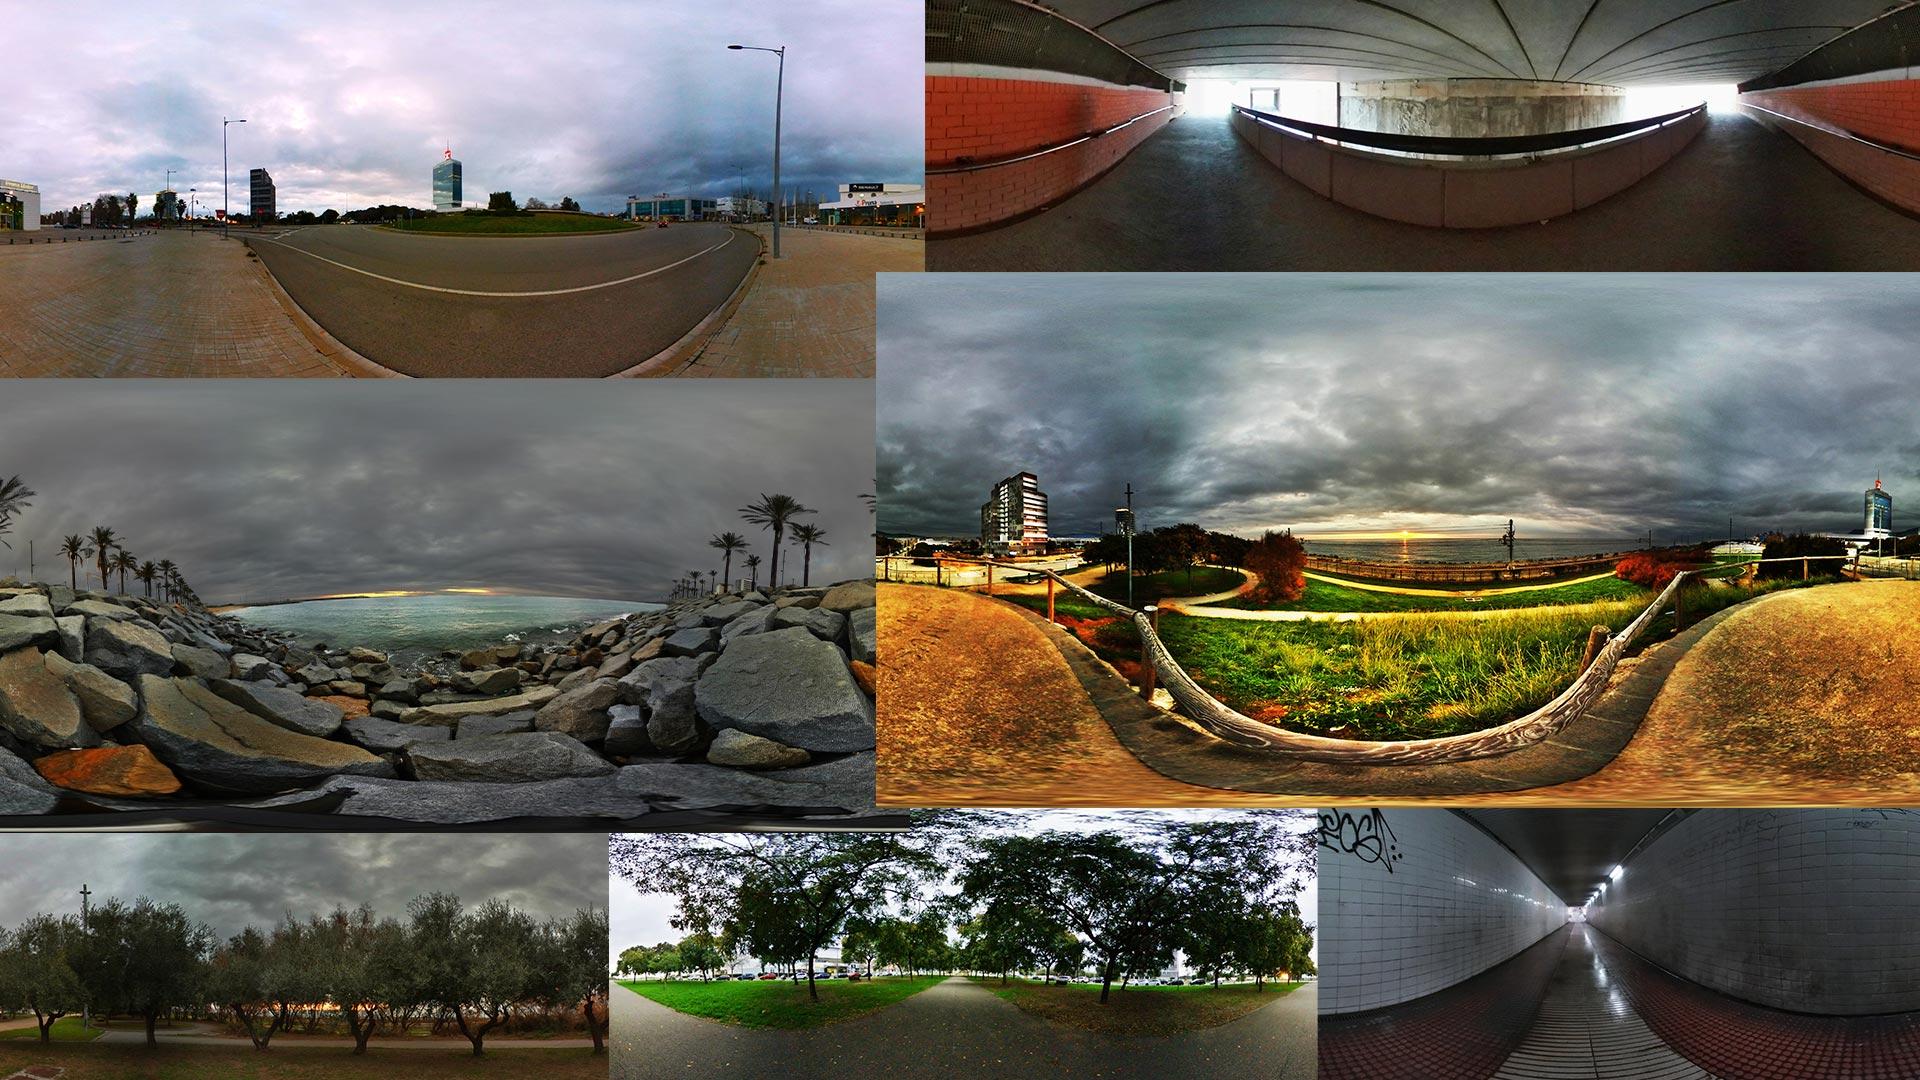 ▷ FOTOS 360º GRATIS en DESCARGAS 360 | Fotografías VR